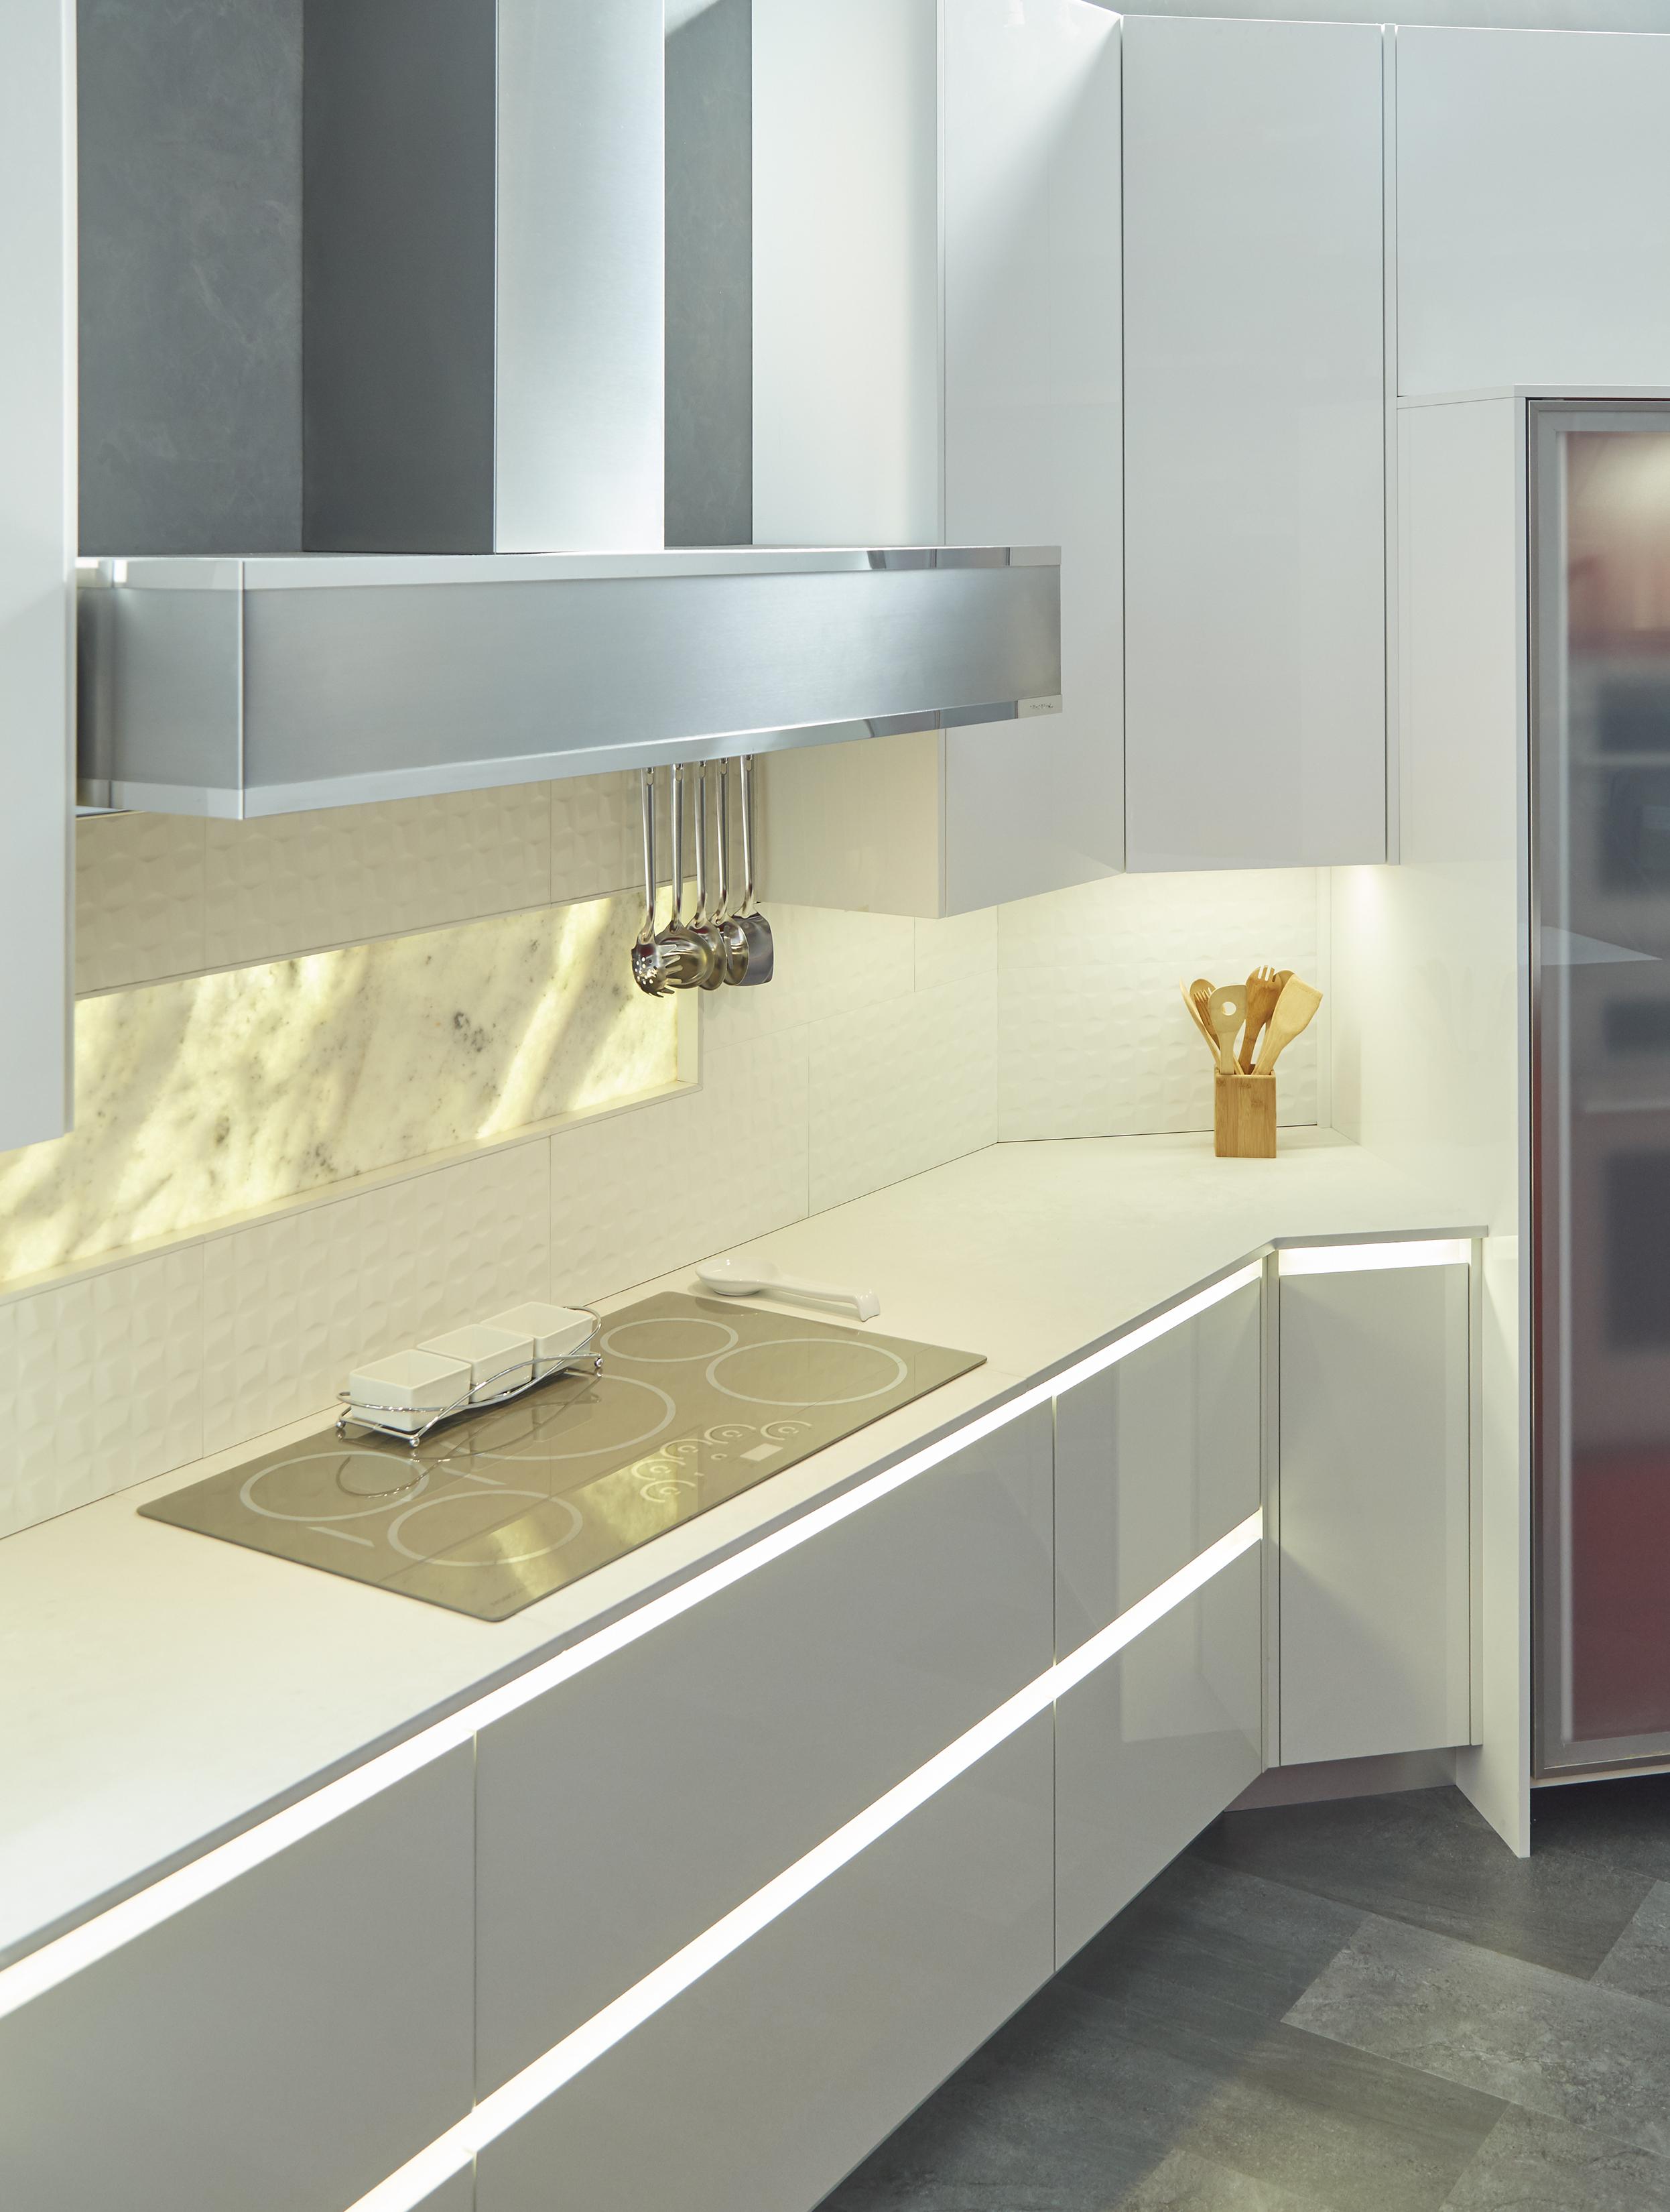 Wellborn Cabinet Minimalist Modern European Kitchen With